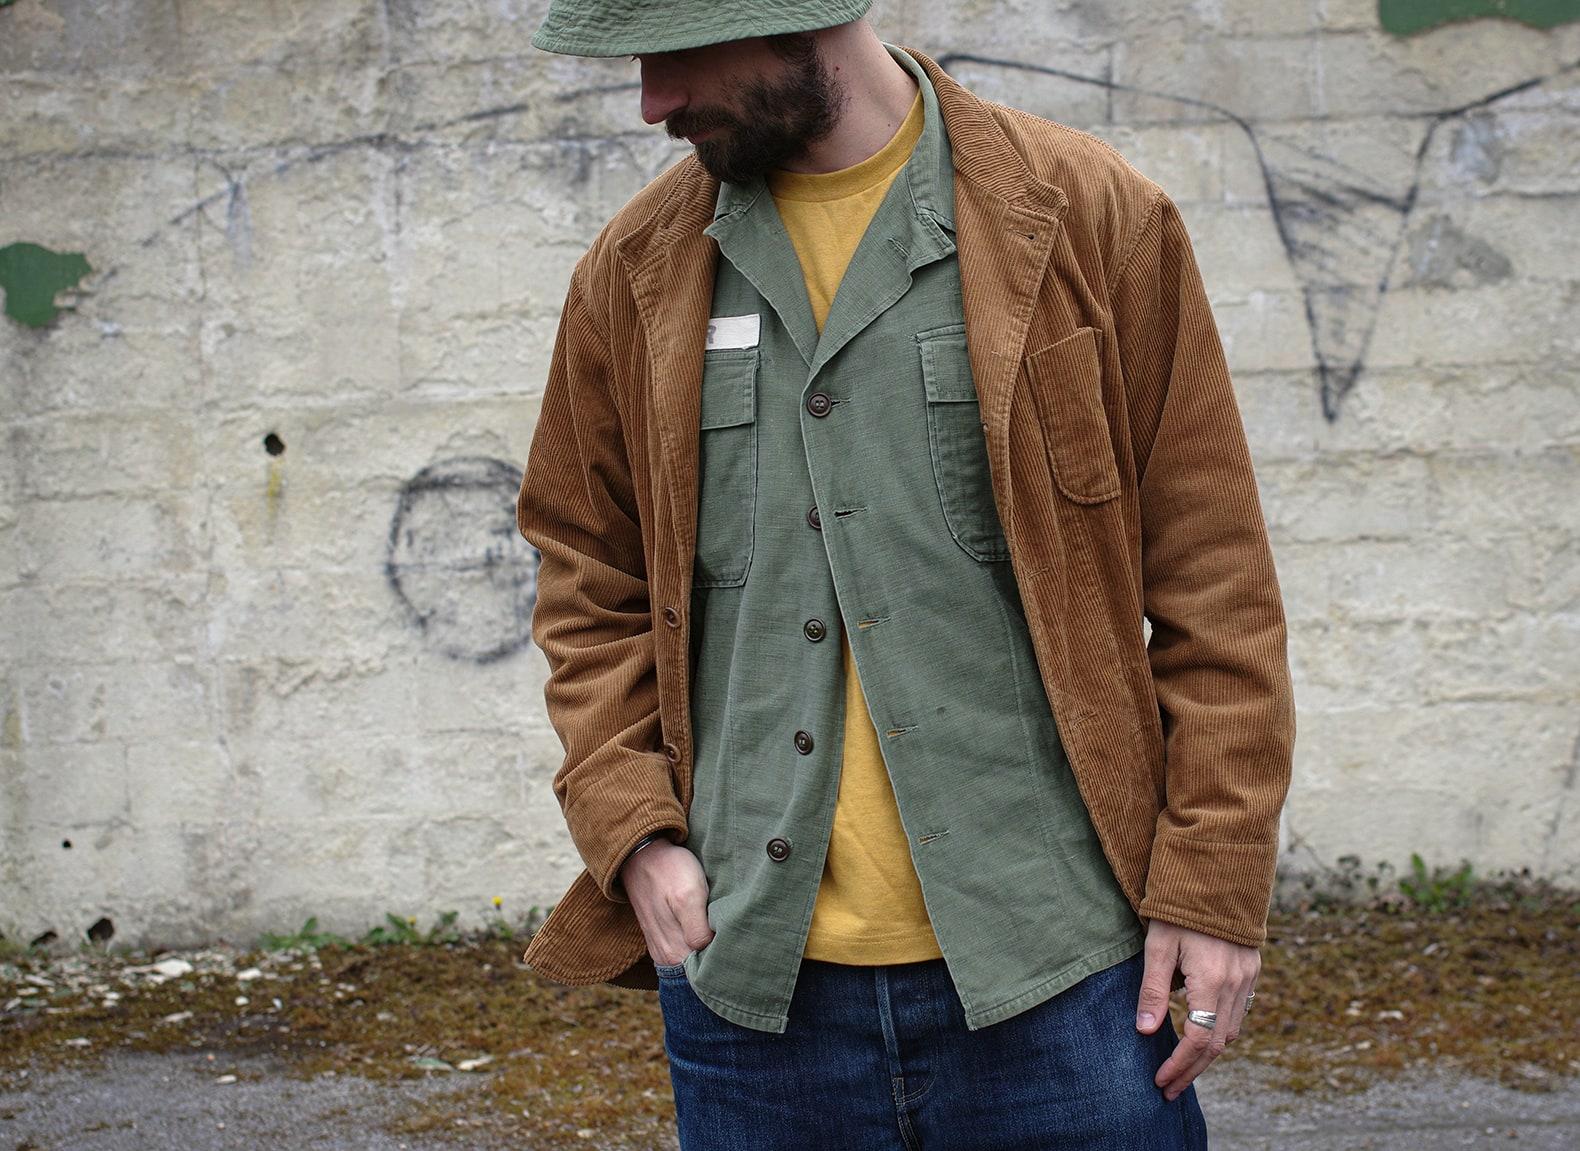 conseil d emode sur le layering avec une veste en velours marron et une chemise militaire OG 107 type 1